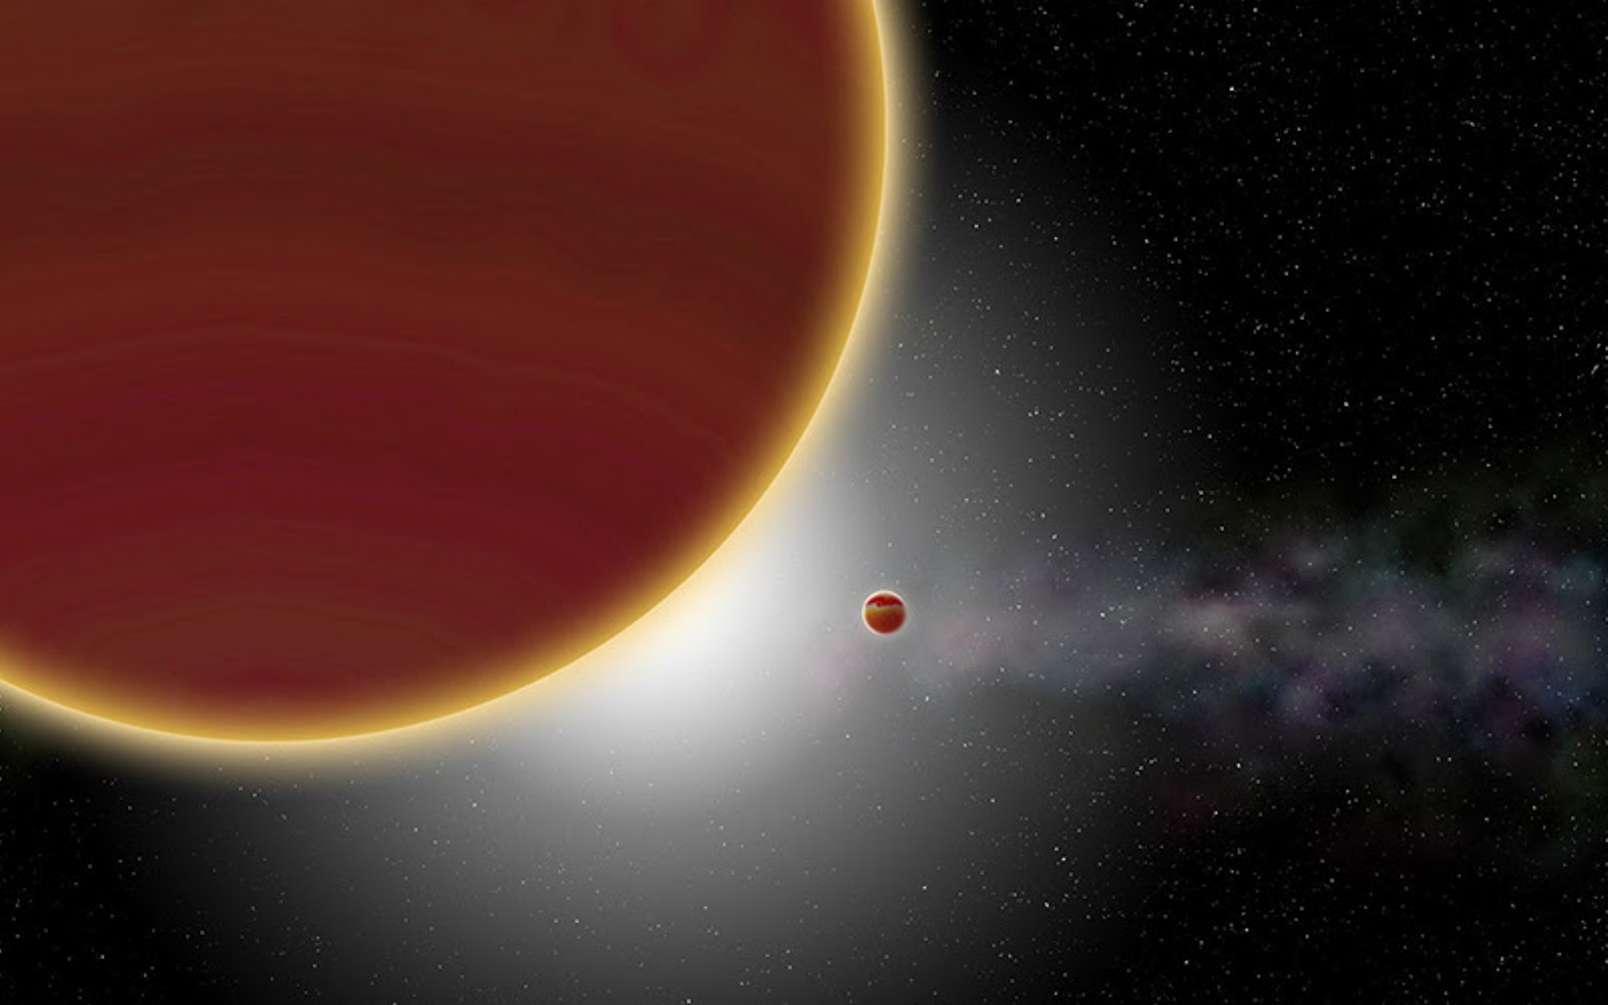 Vue d'artiste du système β Pictoris. Au moins deux planètes géantes, âgées de 23 millions d'années tout au plus, orbitent autour de l'étoile (non visible) : β Pictoris c, la plus proche et qui vient d'être découverte, et β Pictoris b, plus éloignée. Le disque de poussières et de gaz est visible à l'arrière-plan. © P Rubini / AM Lagrange